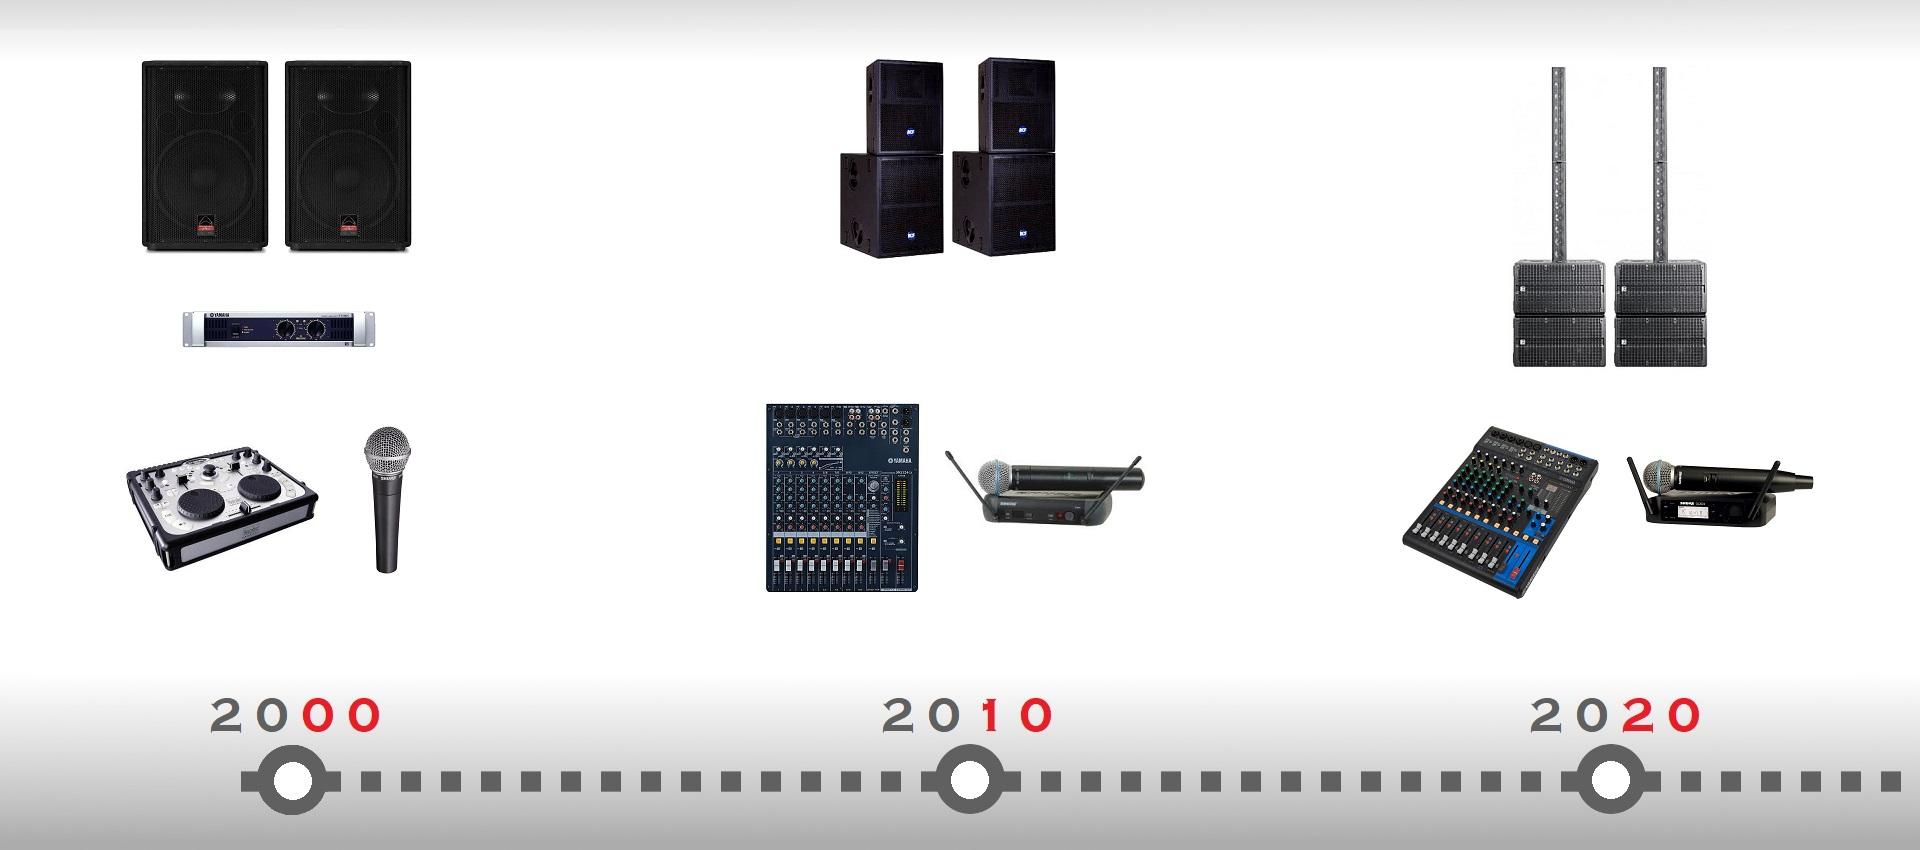 évolution du matériel de sonorisation